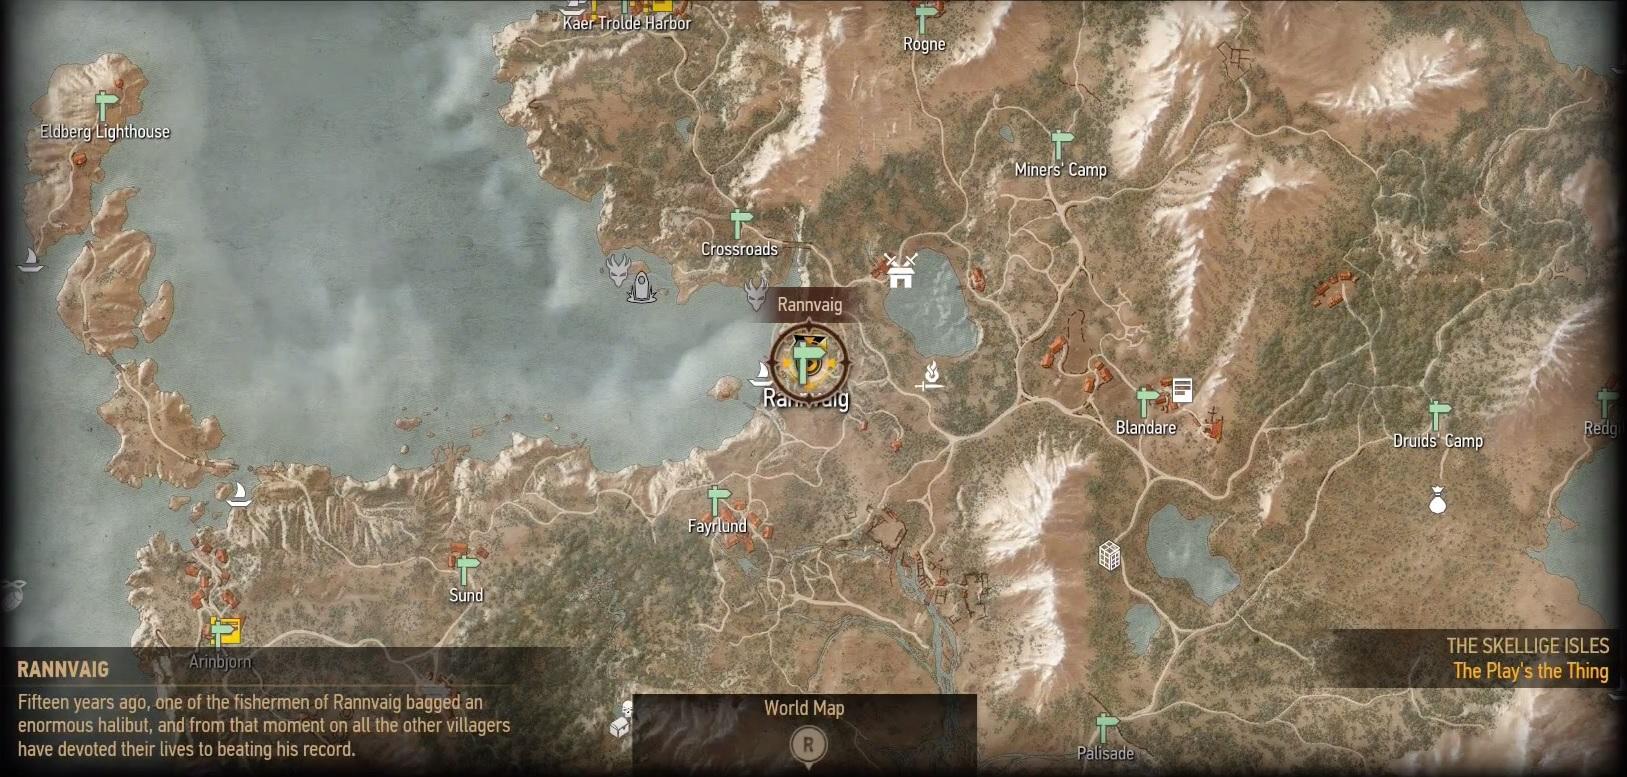 Witcher 3 Velen Karte.The Witcher 3 Alle Pferderennen Fundorte Und Belohnungen